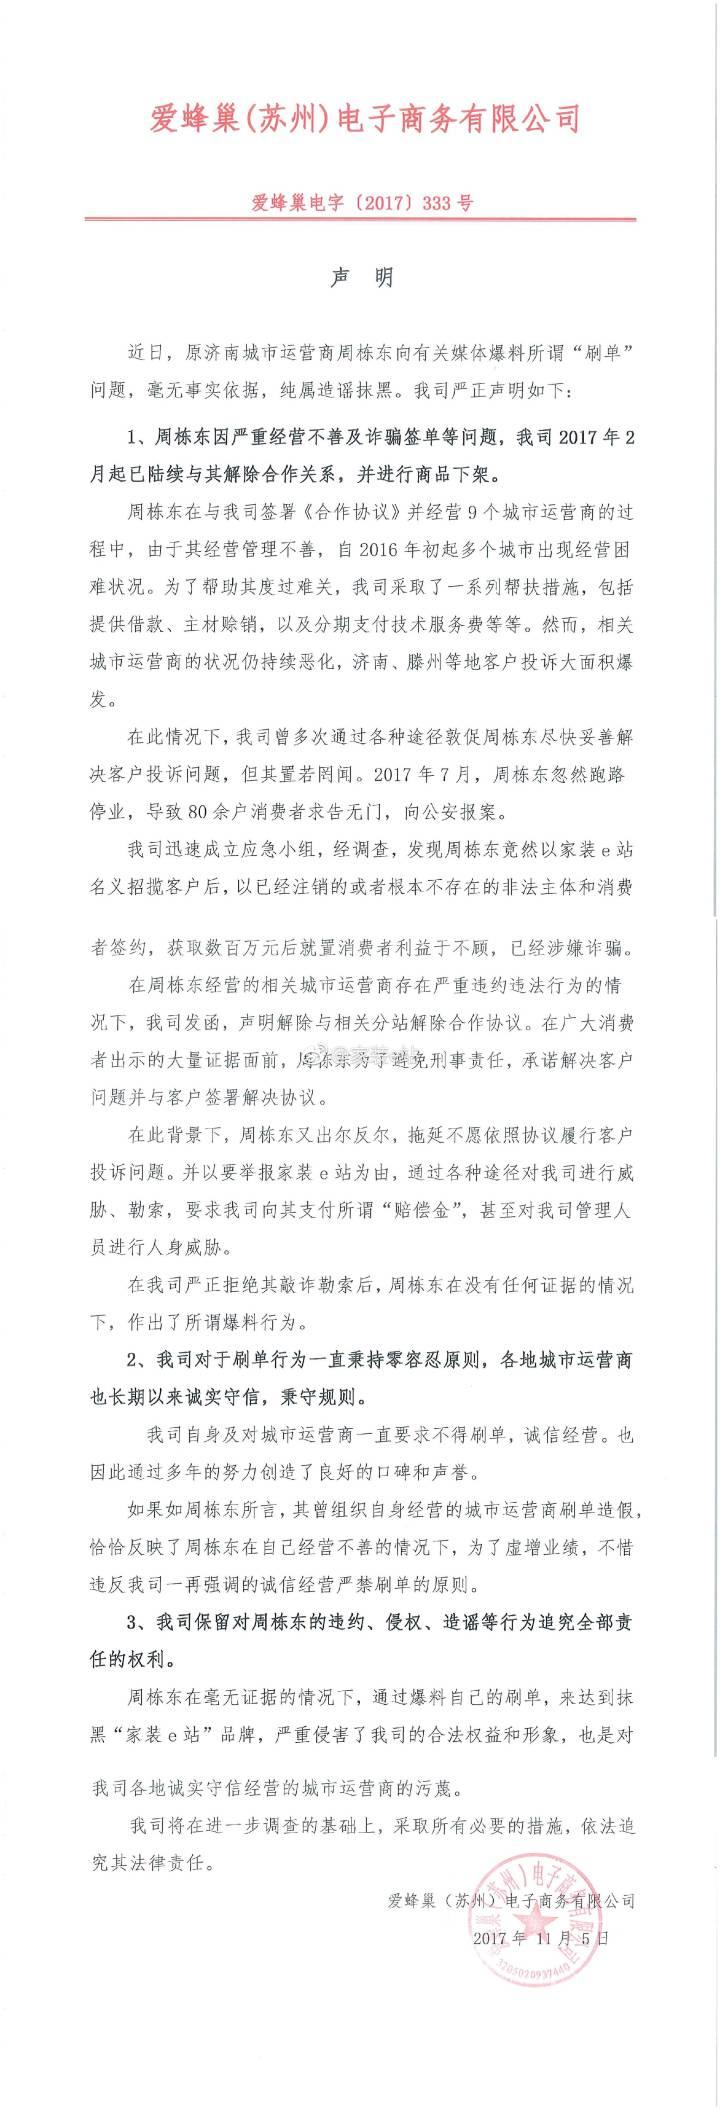 """济南家装e站又遭爆料""""刷单内幕"""" 官方声明道出蹊跷"""